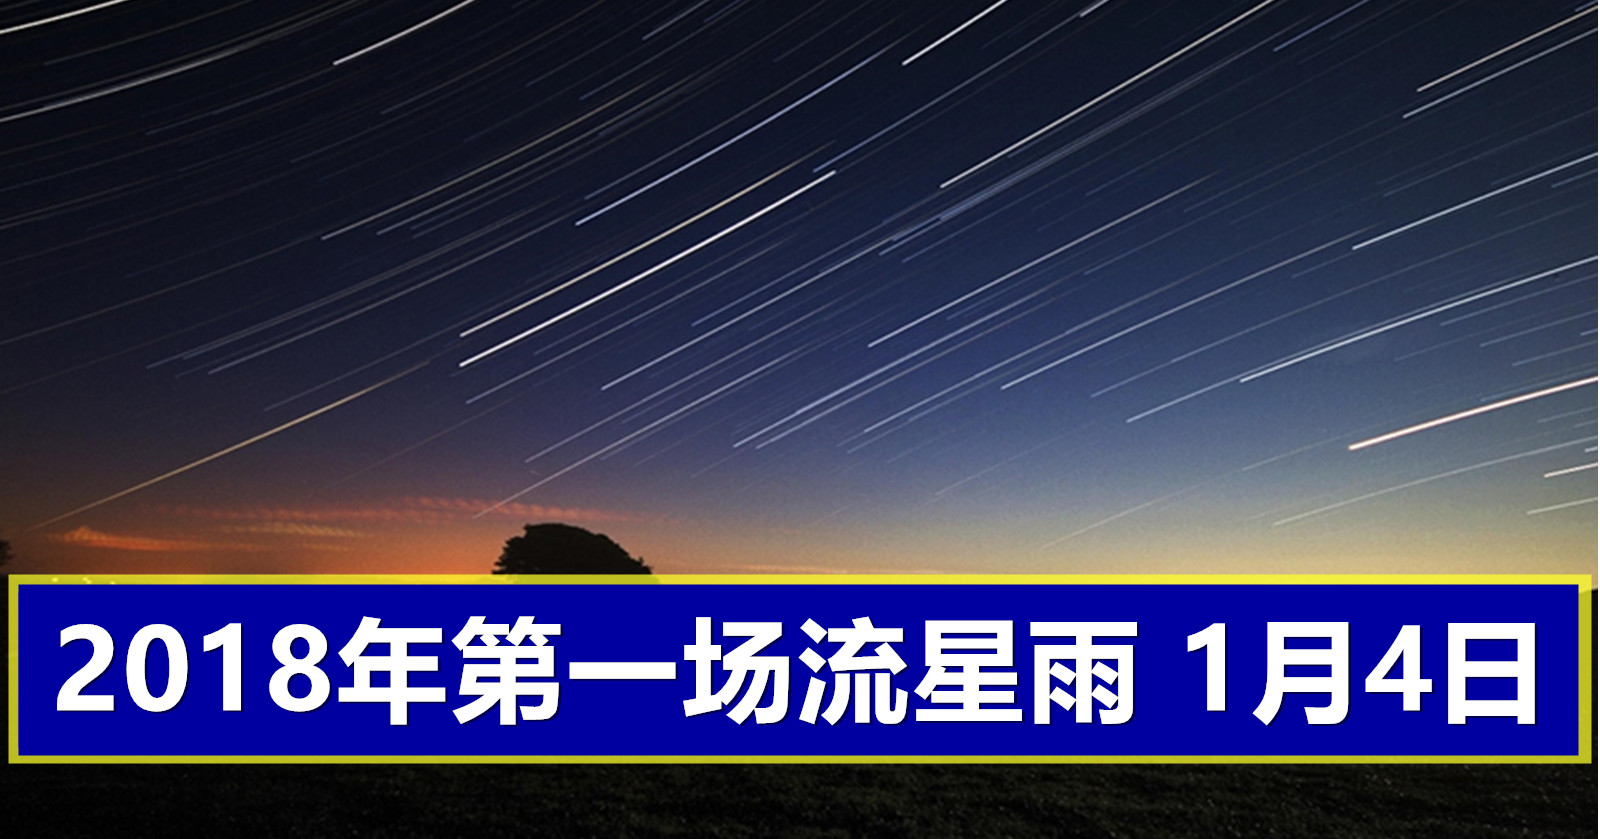 1月4日可观赏到流星雨